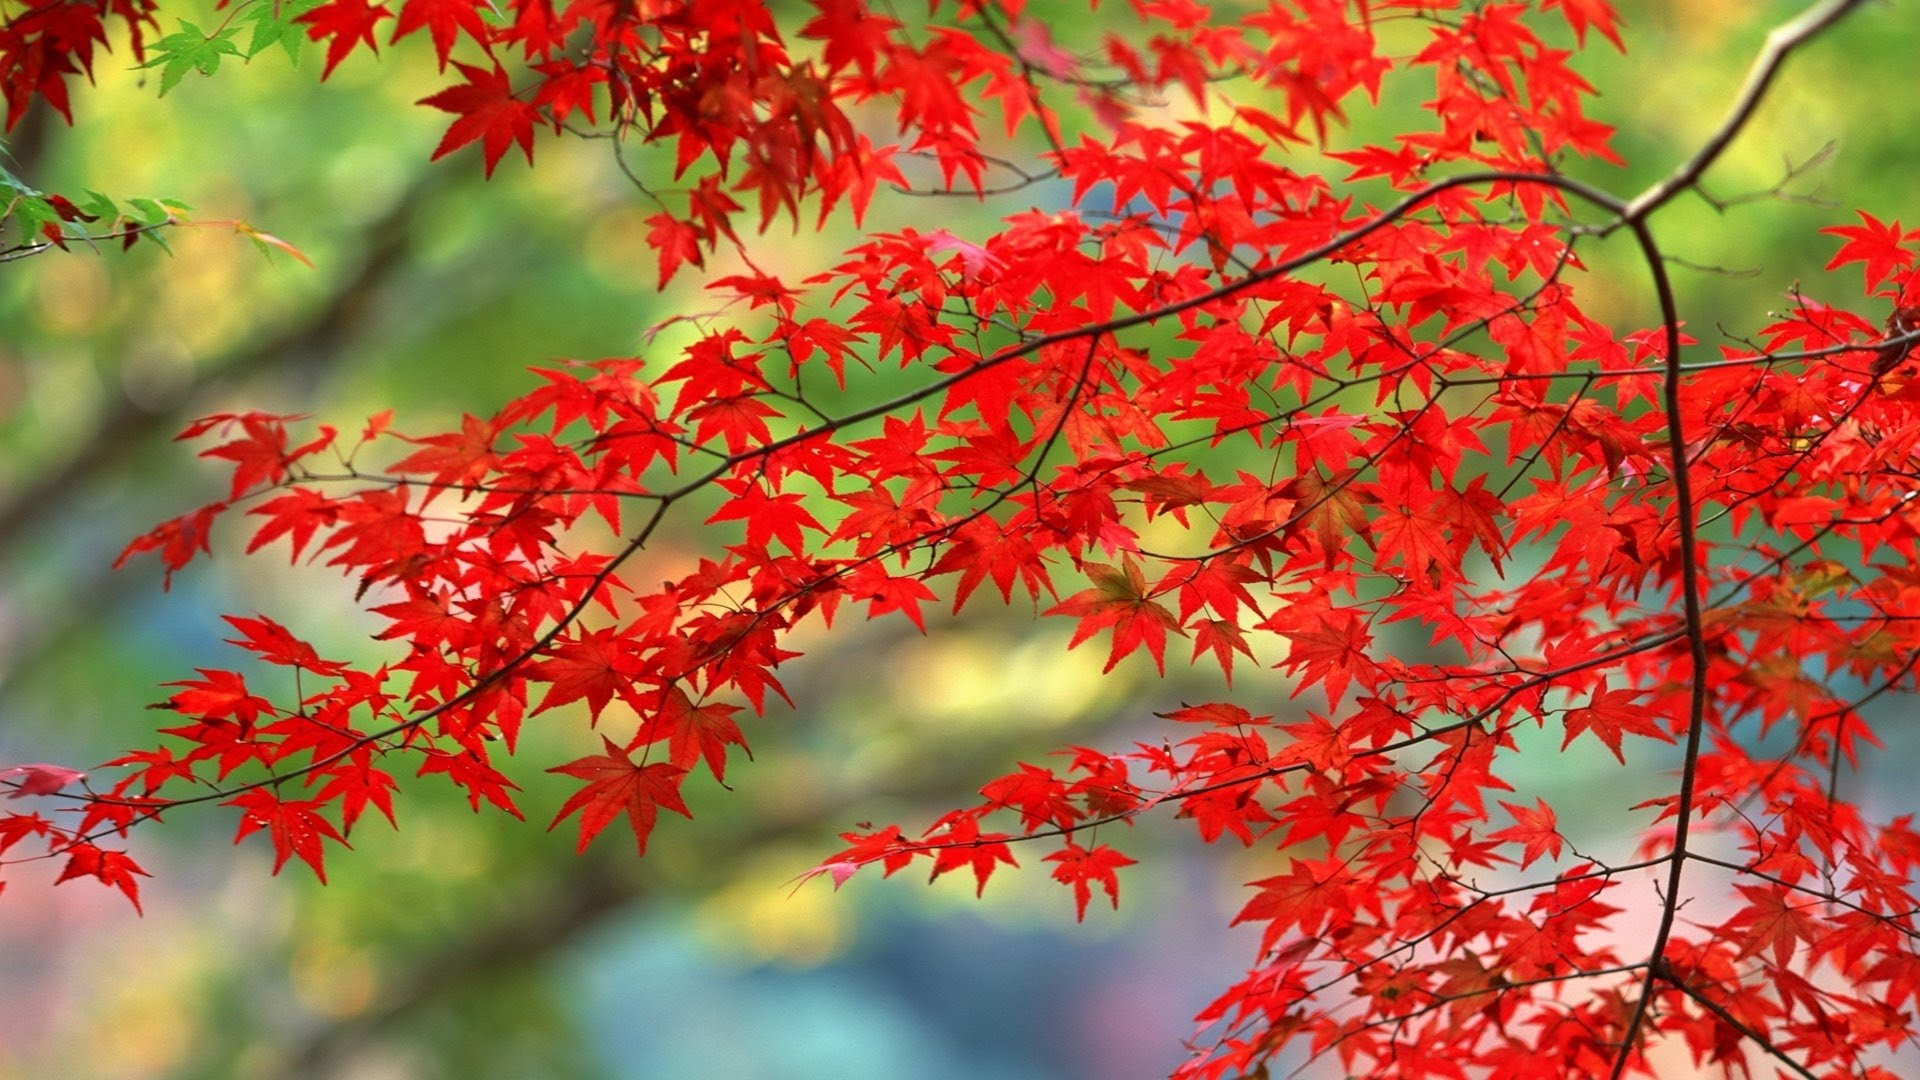 Autumn season - YouTube